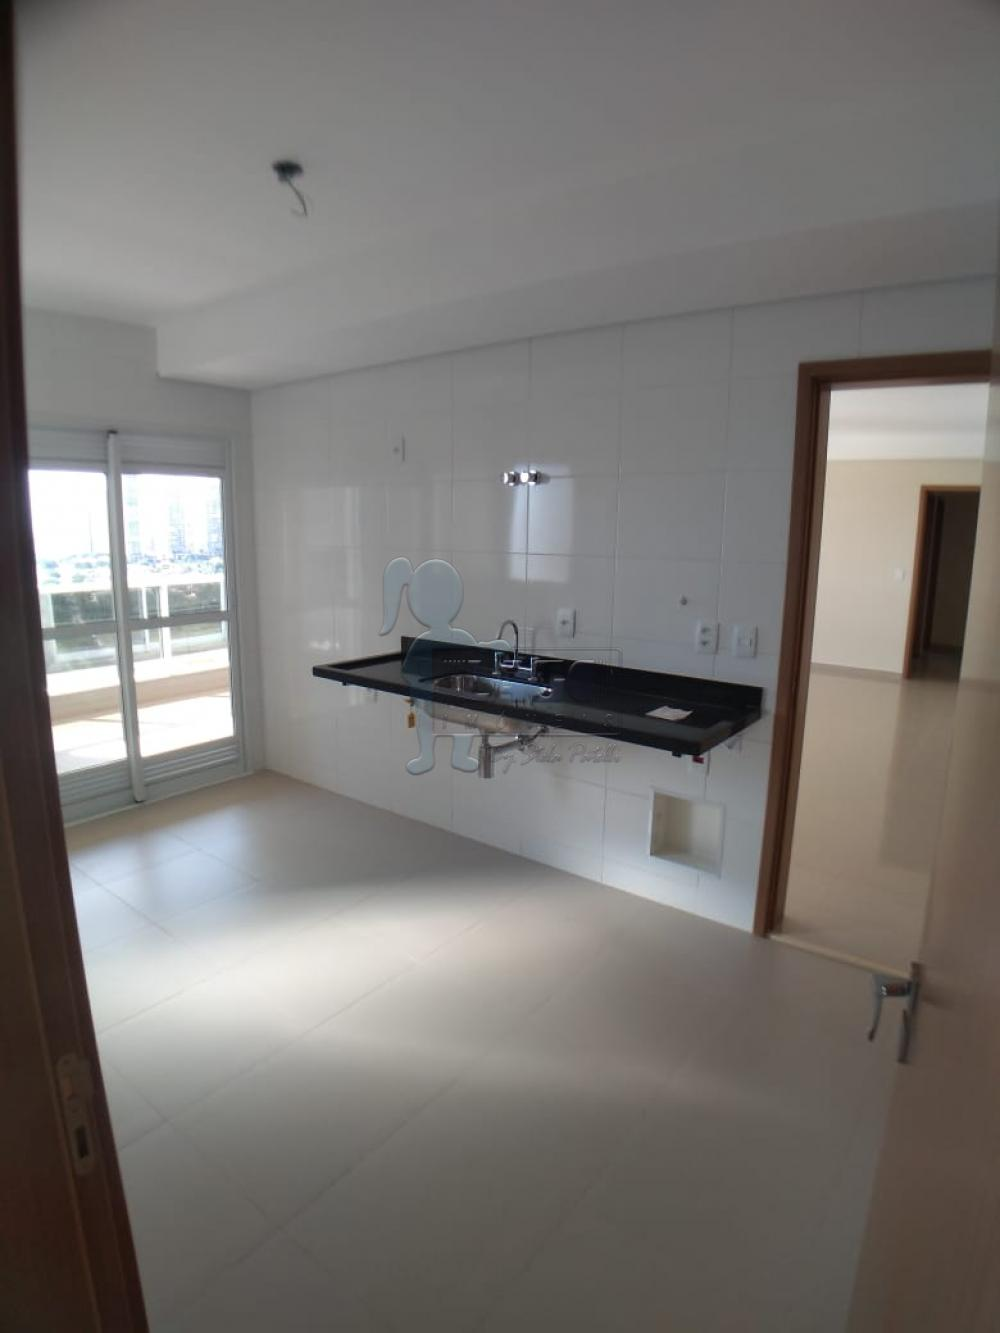 Comprar Apartamento / Padrão em Bonfim Paulista apenas R$ 700.000,00 - Foto 13